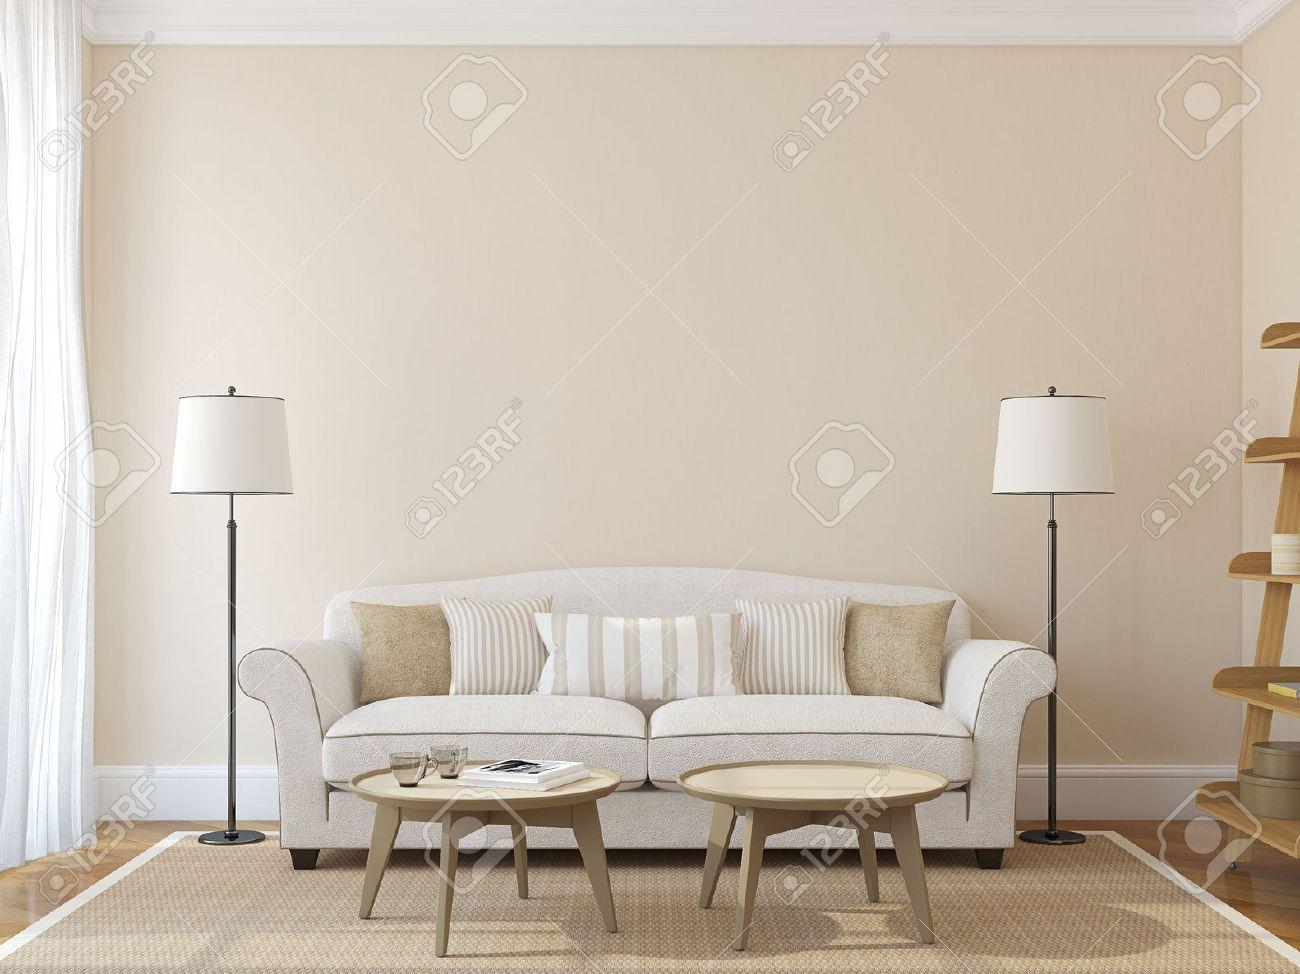 woonkamer beige – artsmedia, Deco ideeën